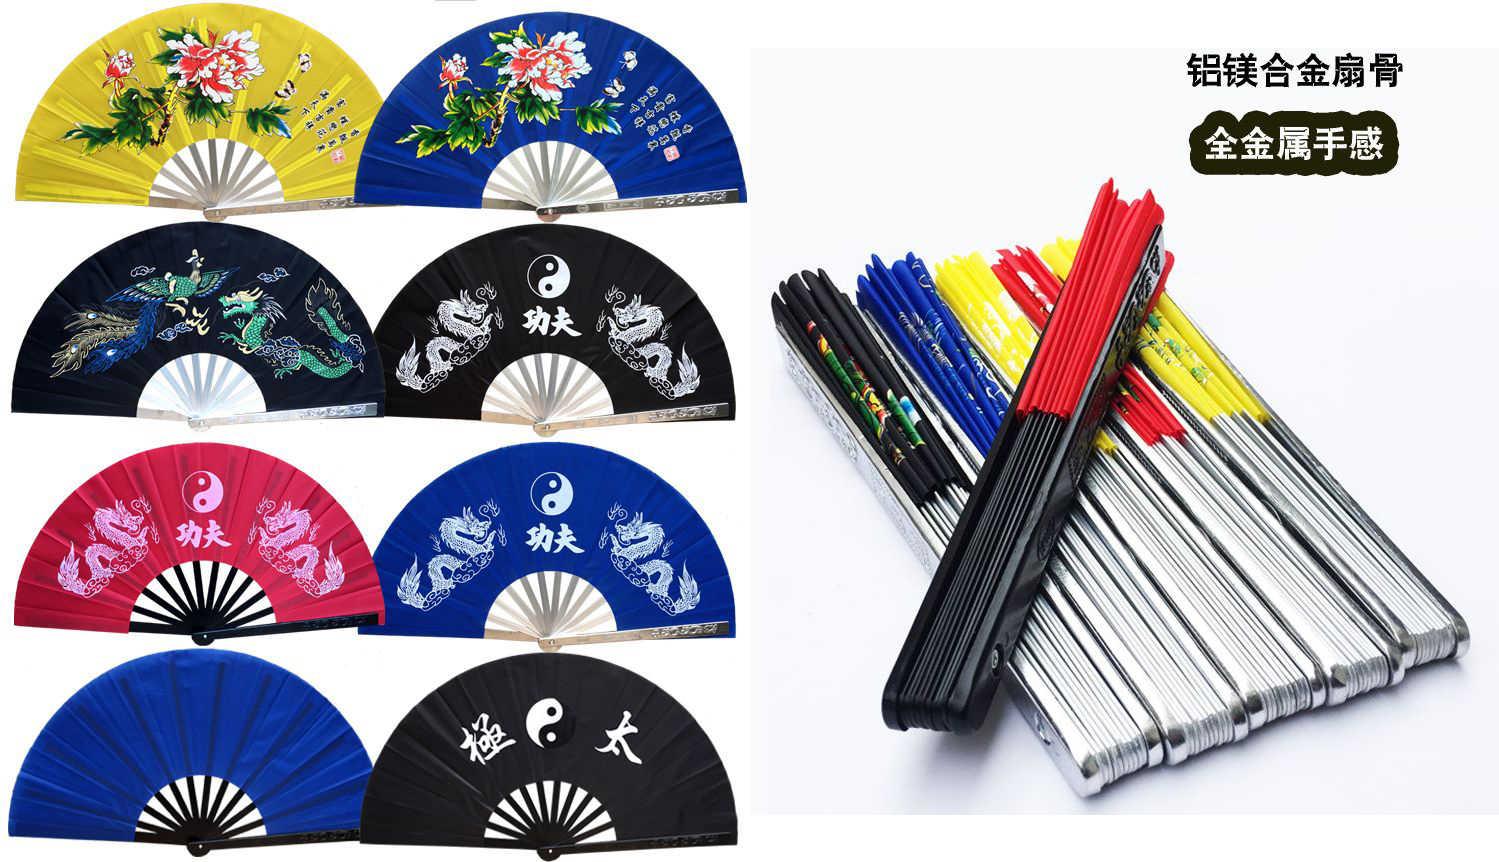 Hohe qualität Aluminium & magnesium legierungen Morgen übung tai chi fan taiji kung fu fan kampfkunst wushu fans